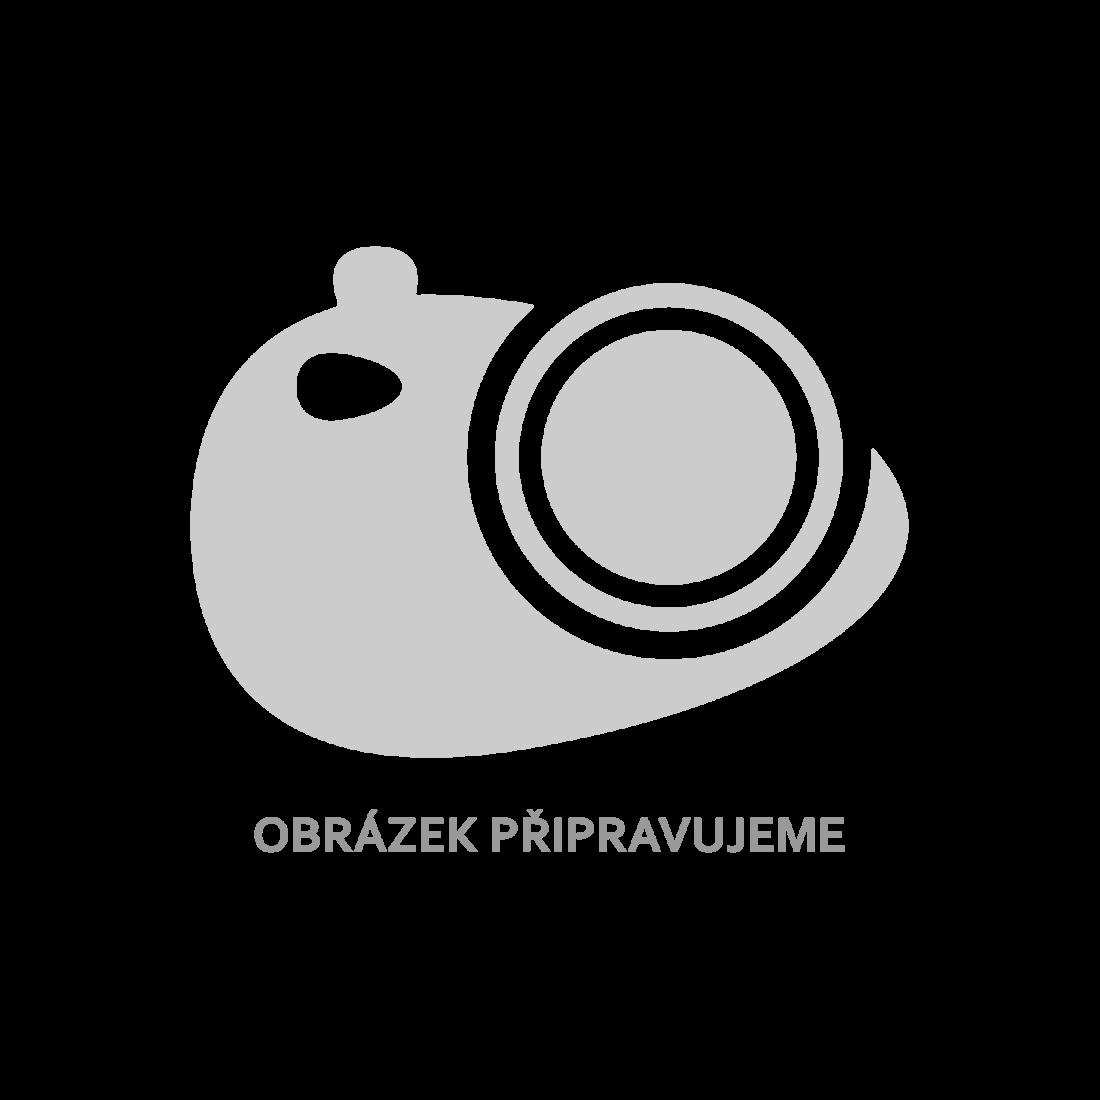 vidaXL Nohy k jídelnímu stolu ve tvaru H 2 ks 70 x 72 cm [285176]